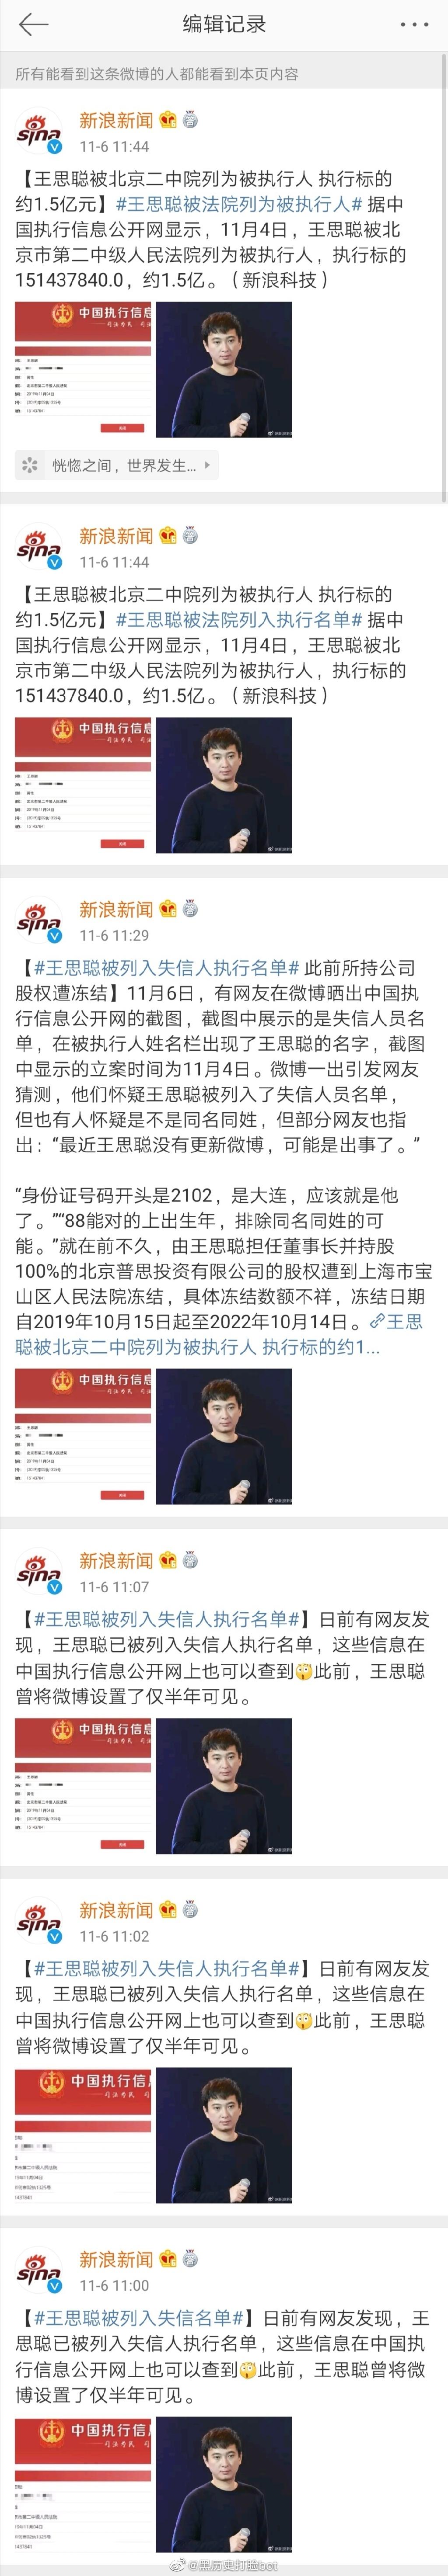 王思聪被北京二中院列为被执行人 执行标的约1.5亿元